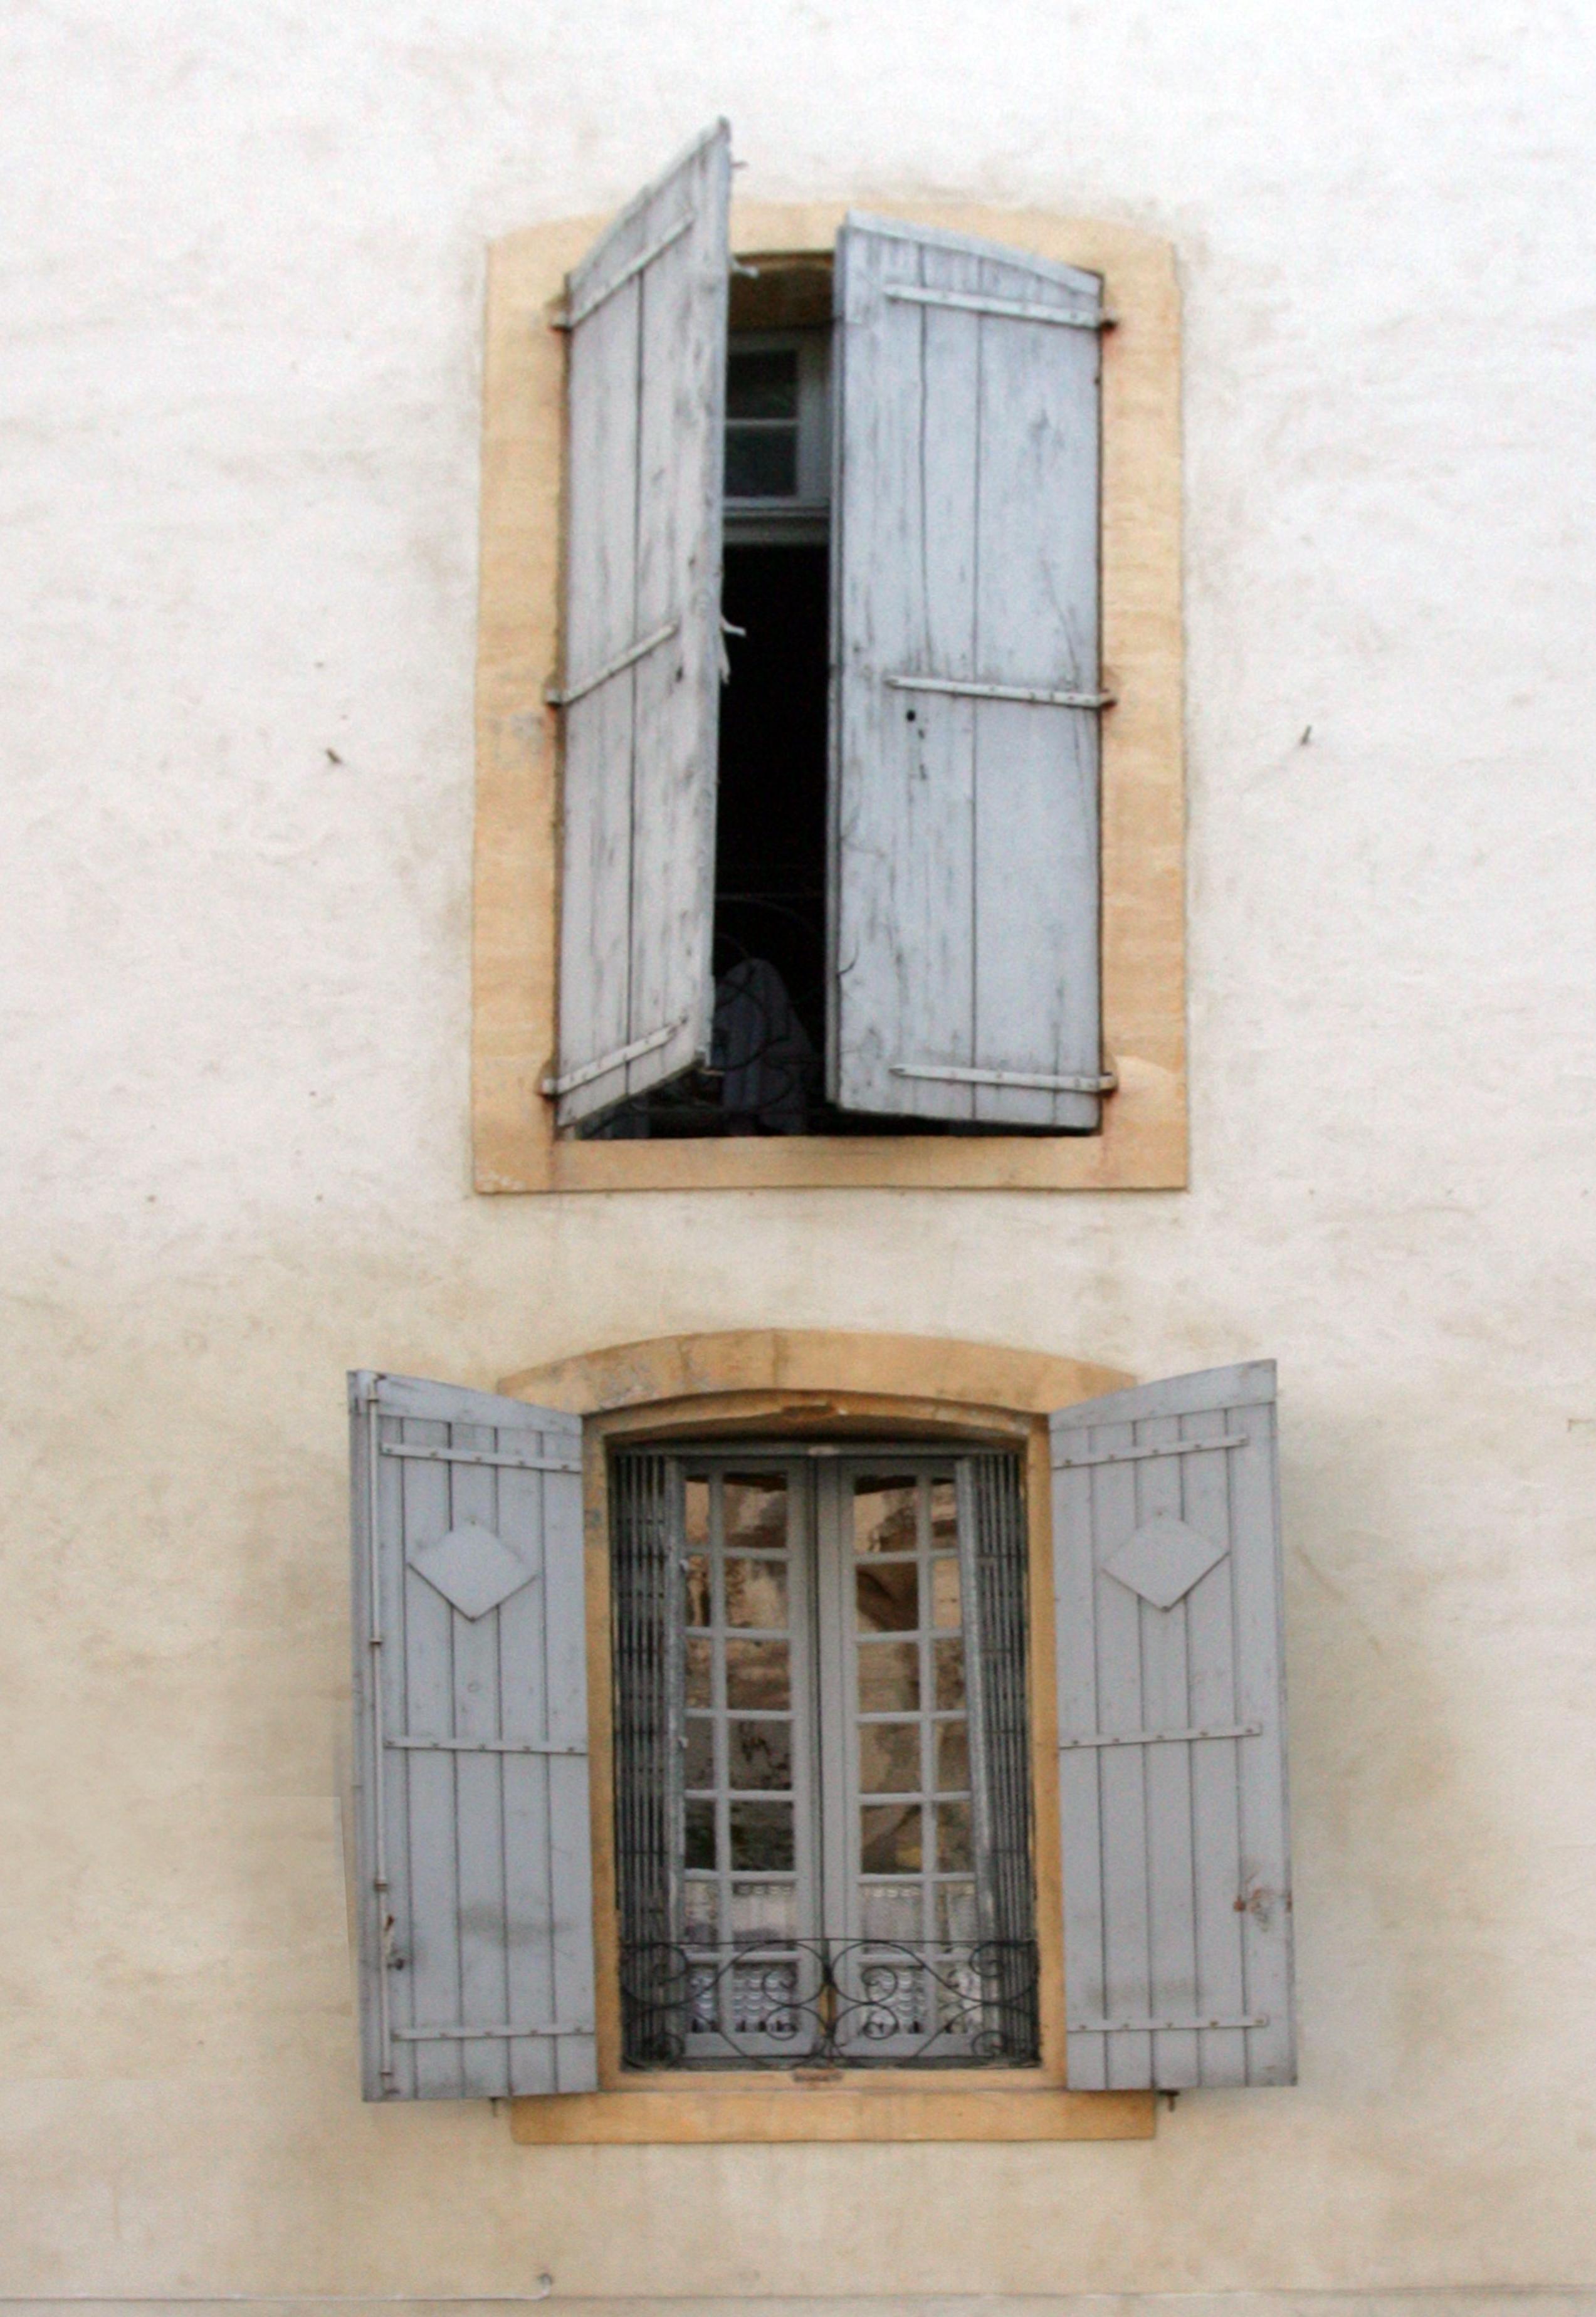 Doors & Windows & Secret Places